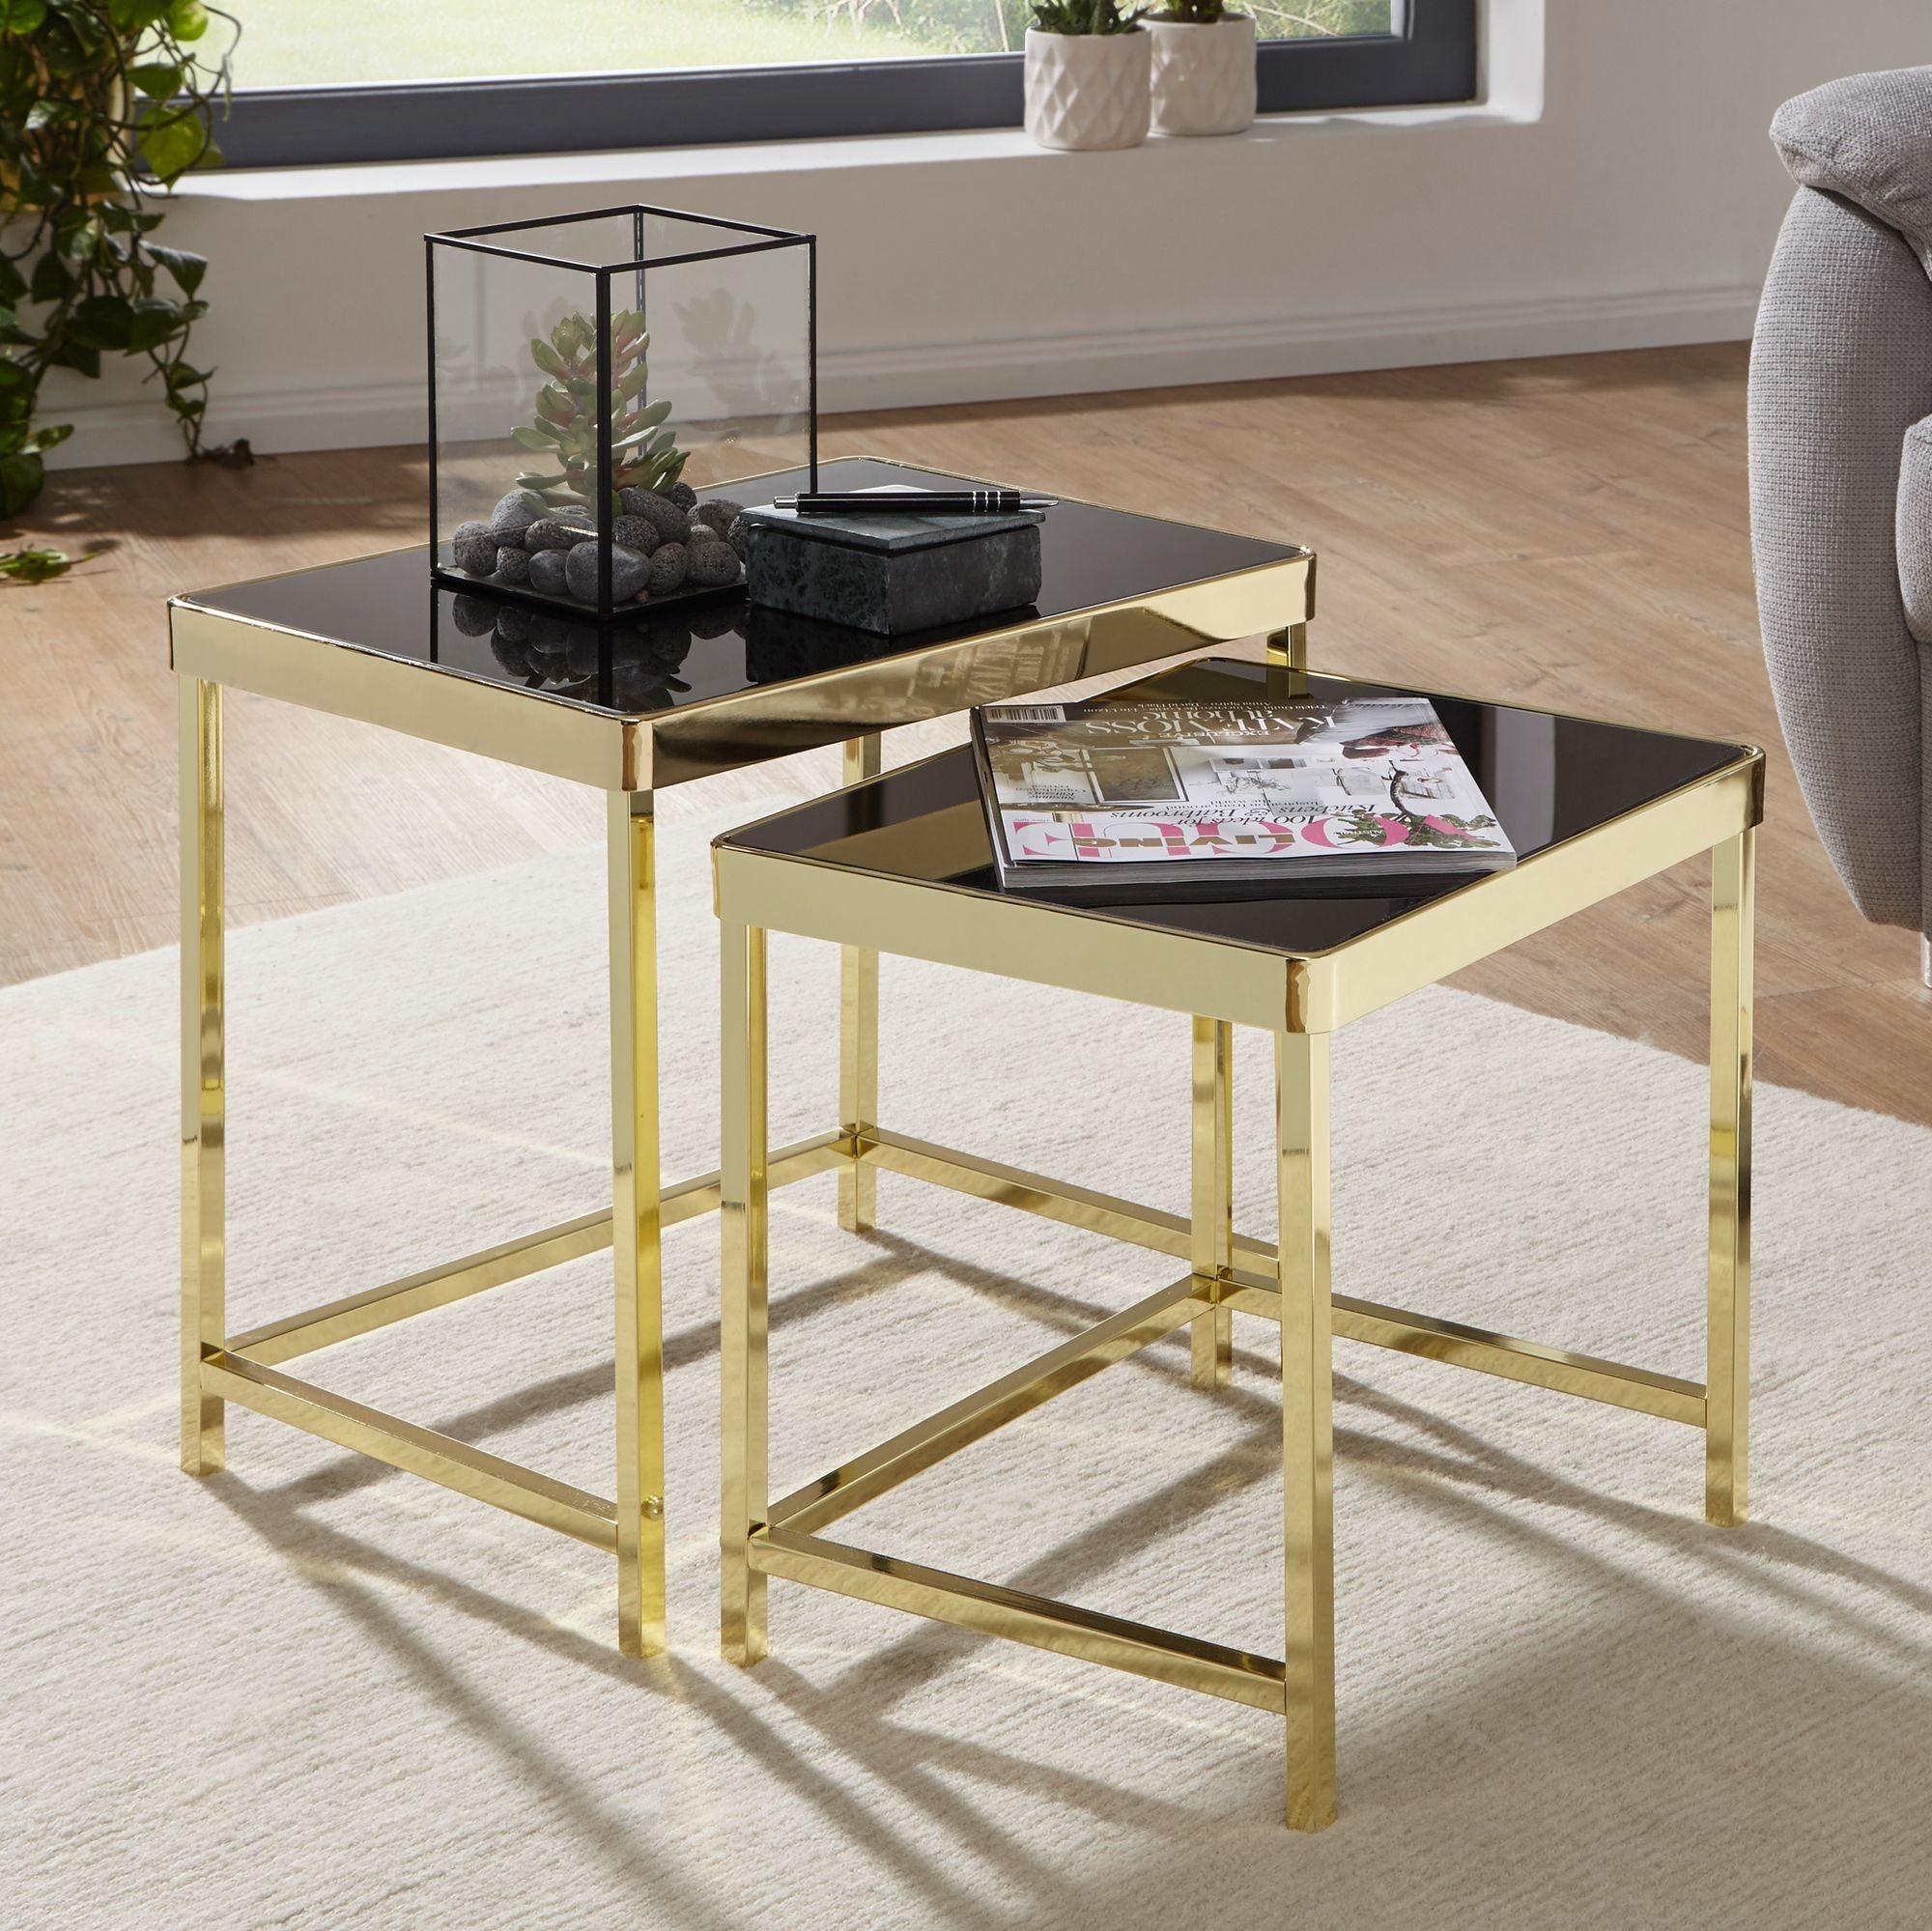 Satztisch »FB49700«, Satztisch VIVI schwarz / Gold Beistelltisch Metall / Glas Couchtisch Set aus 2 Tischen Kleiner Wohnzimmertisch